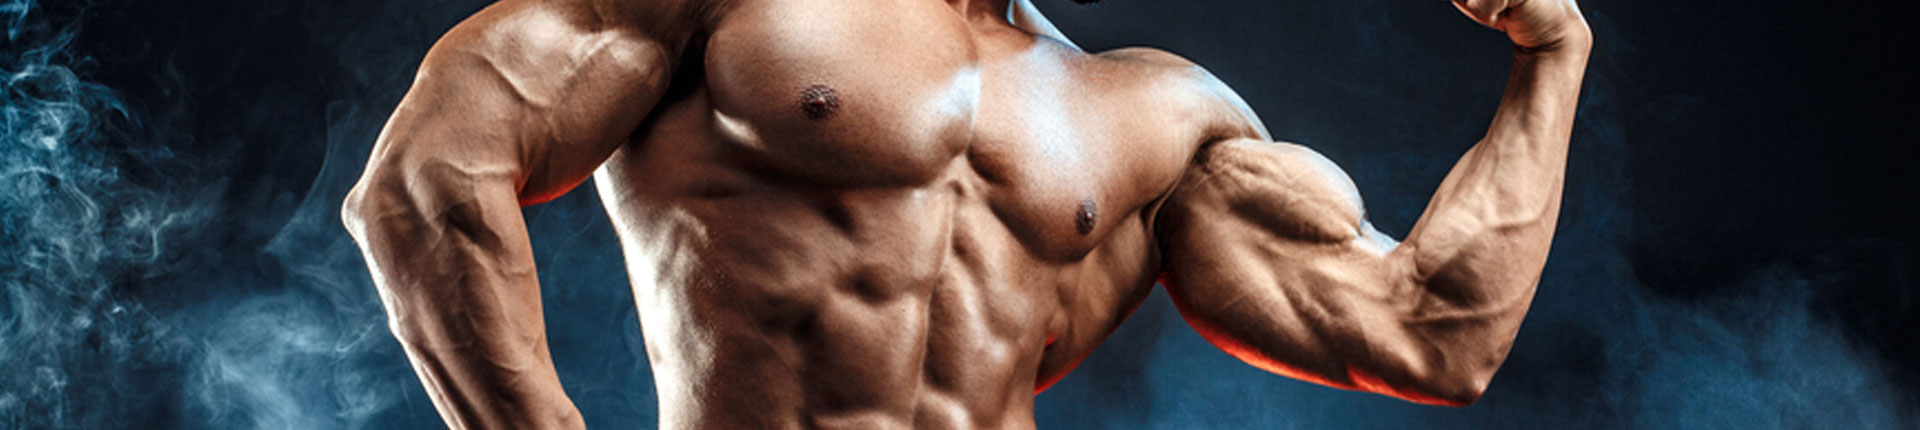 Czy istnieją idealne wymiary i budowa ciała?